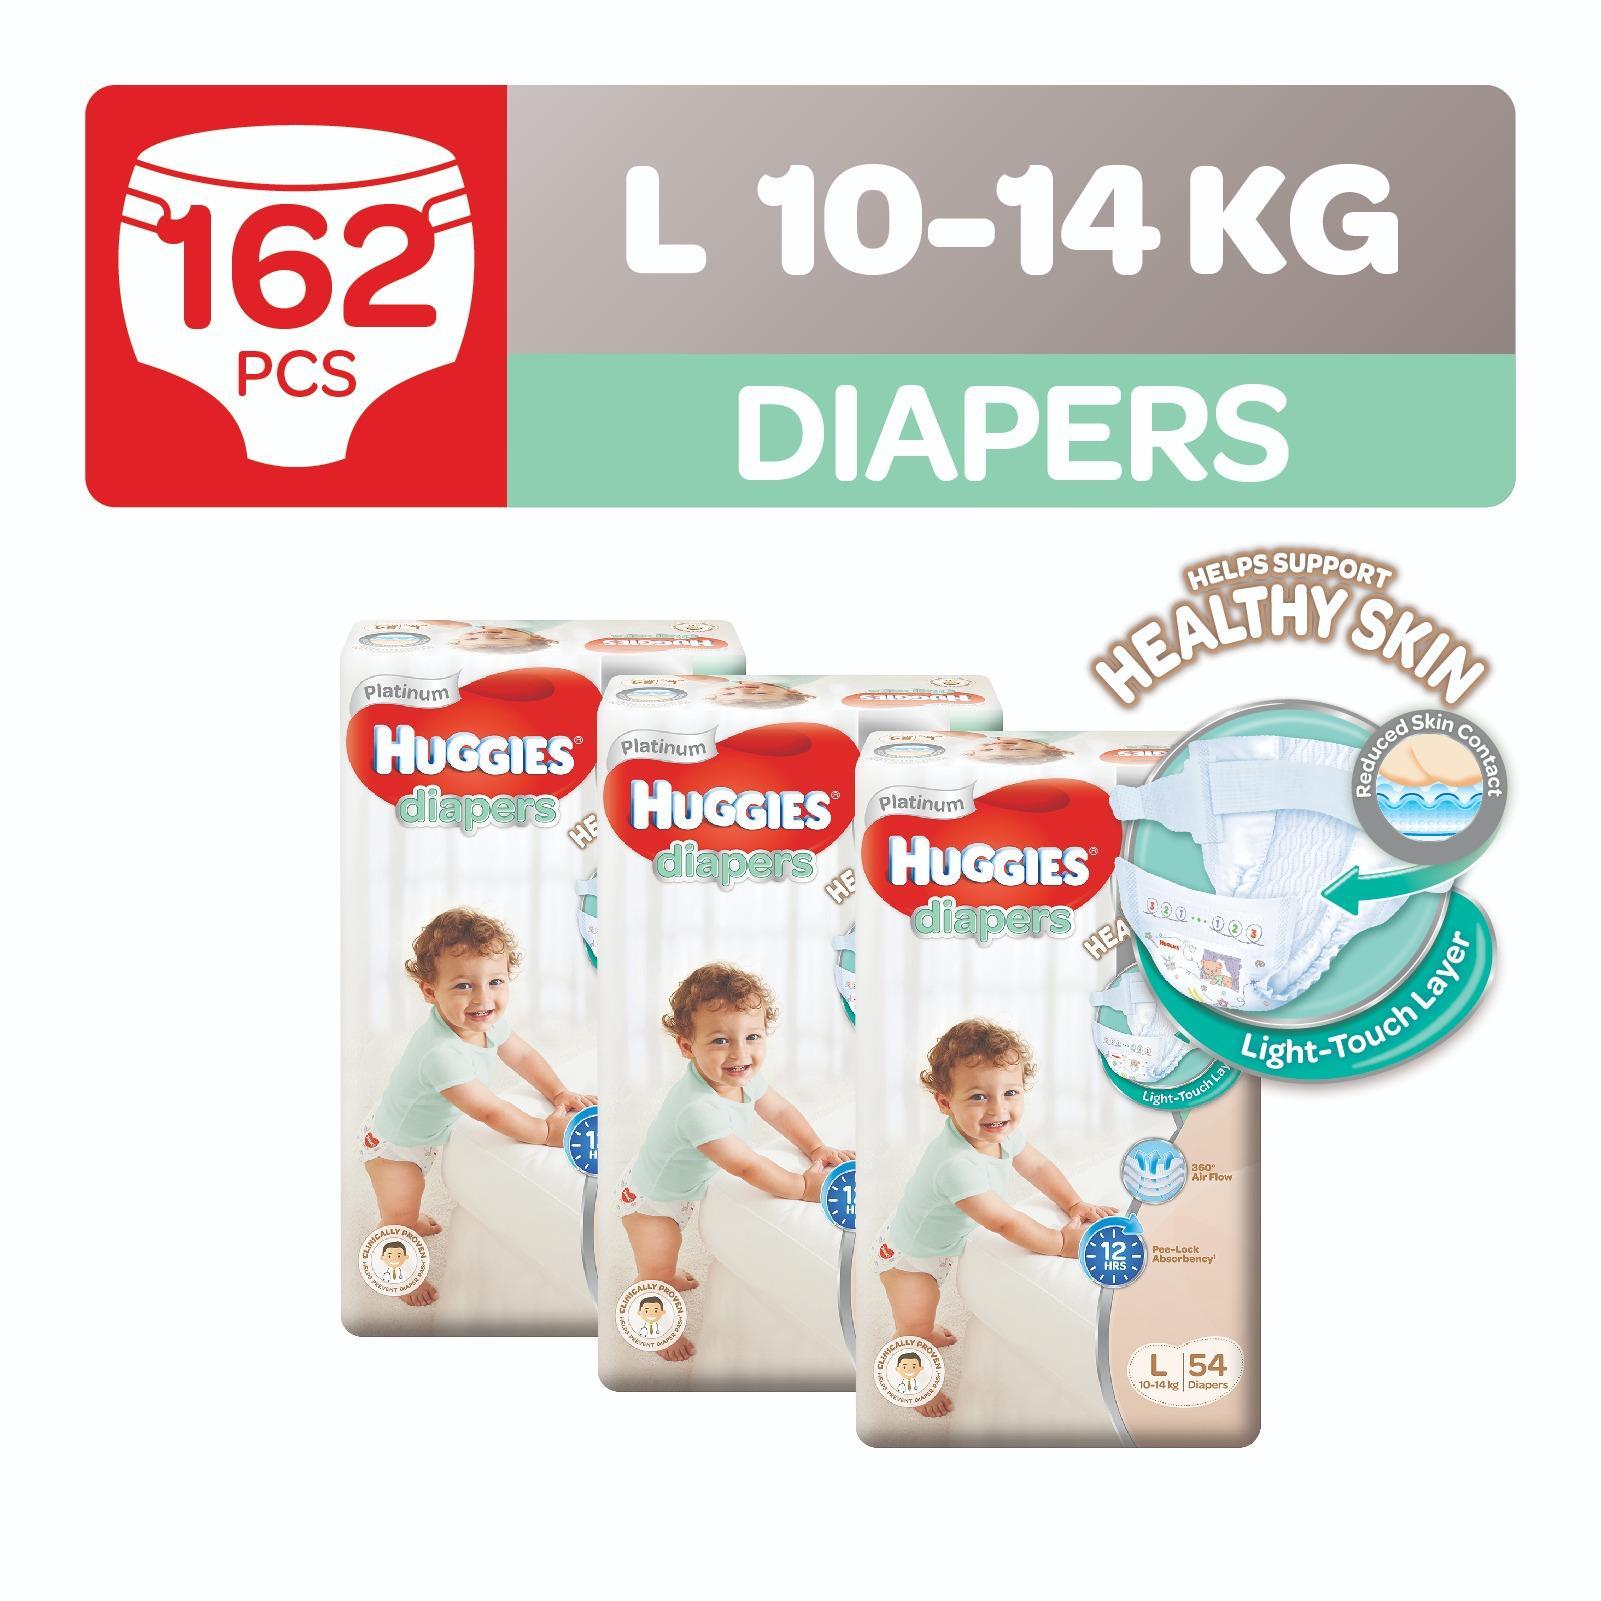 Huggies Platinum Diapers L 54Pcs X 3 Packs Compare Prices